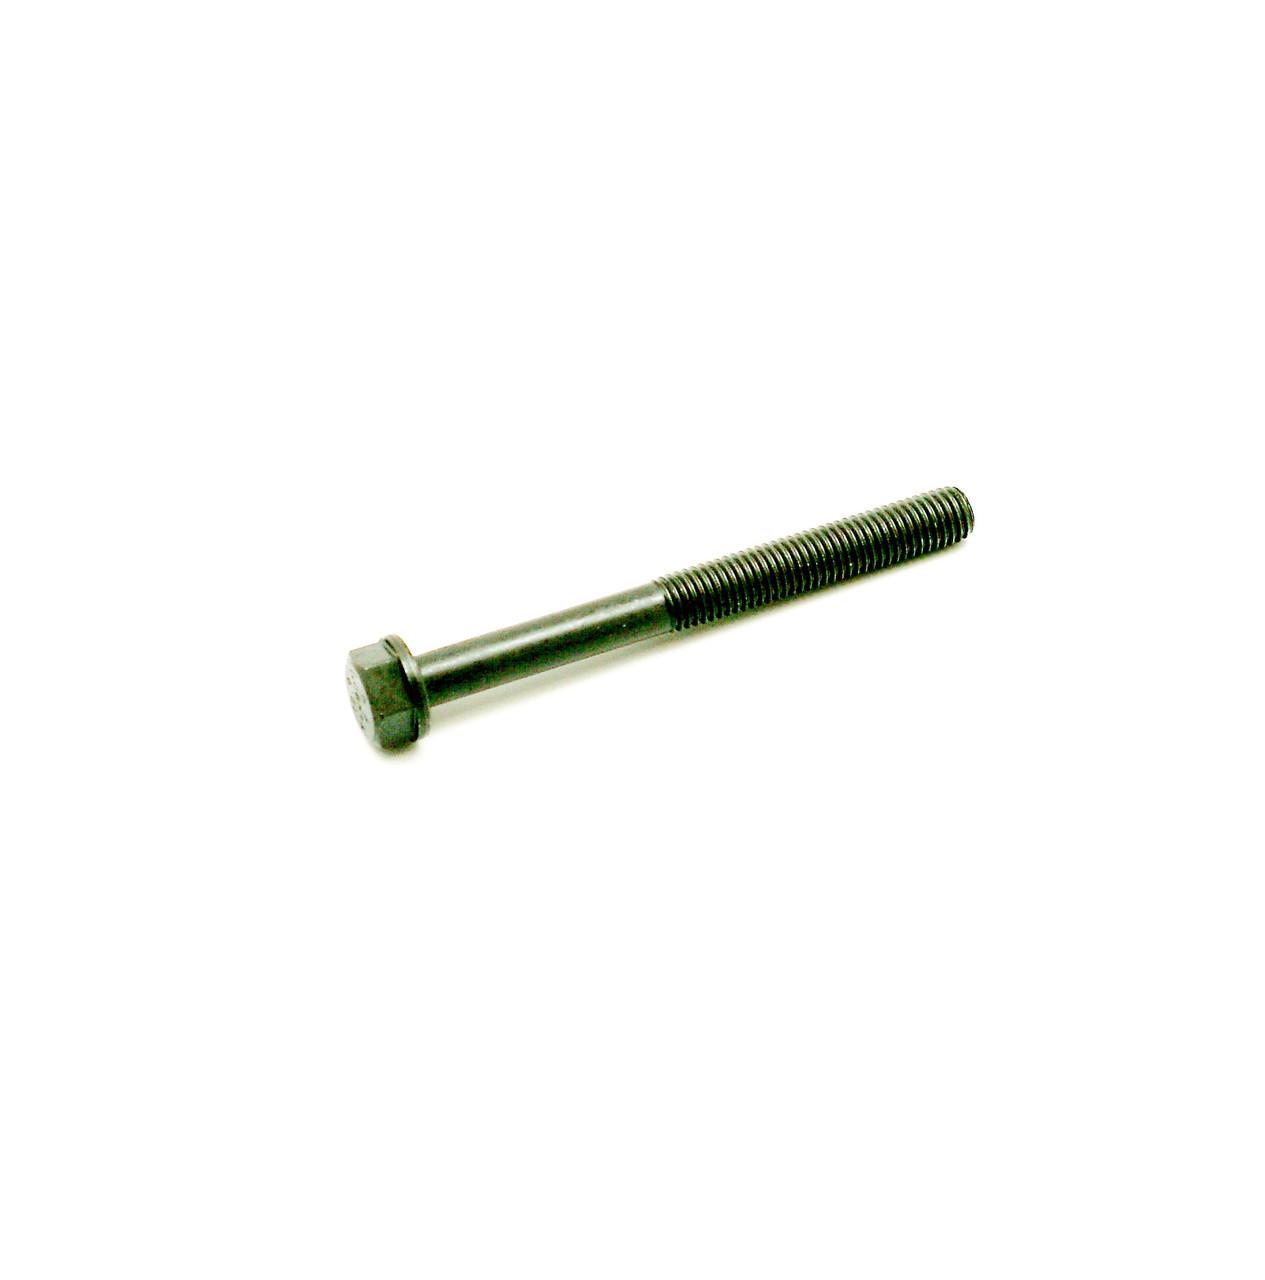 Болт крепления ГБЦ с фланцем и шестигранной головкой Cummins B Series 3920780 3901220 3903939